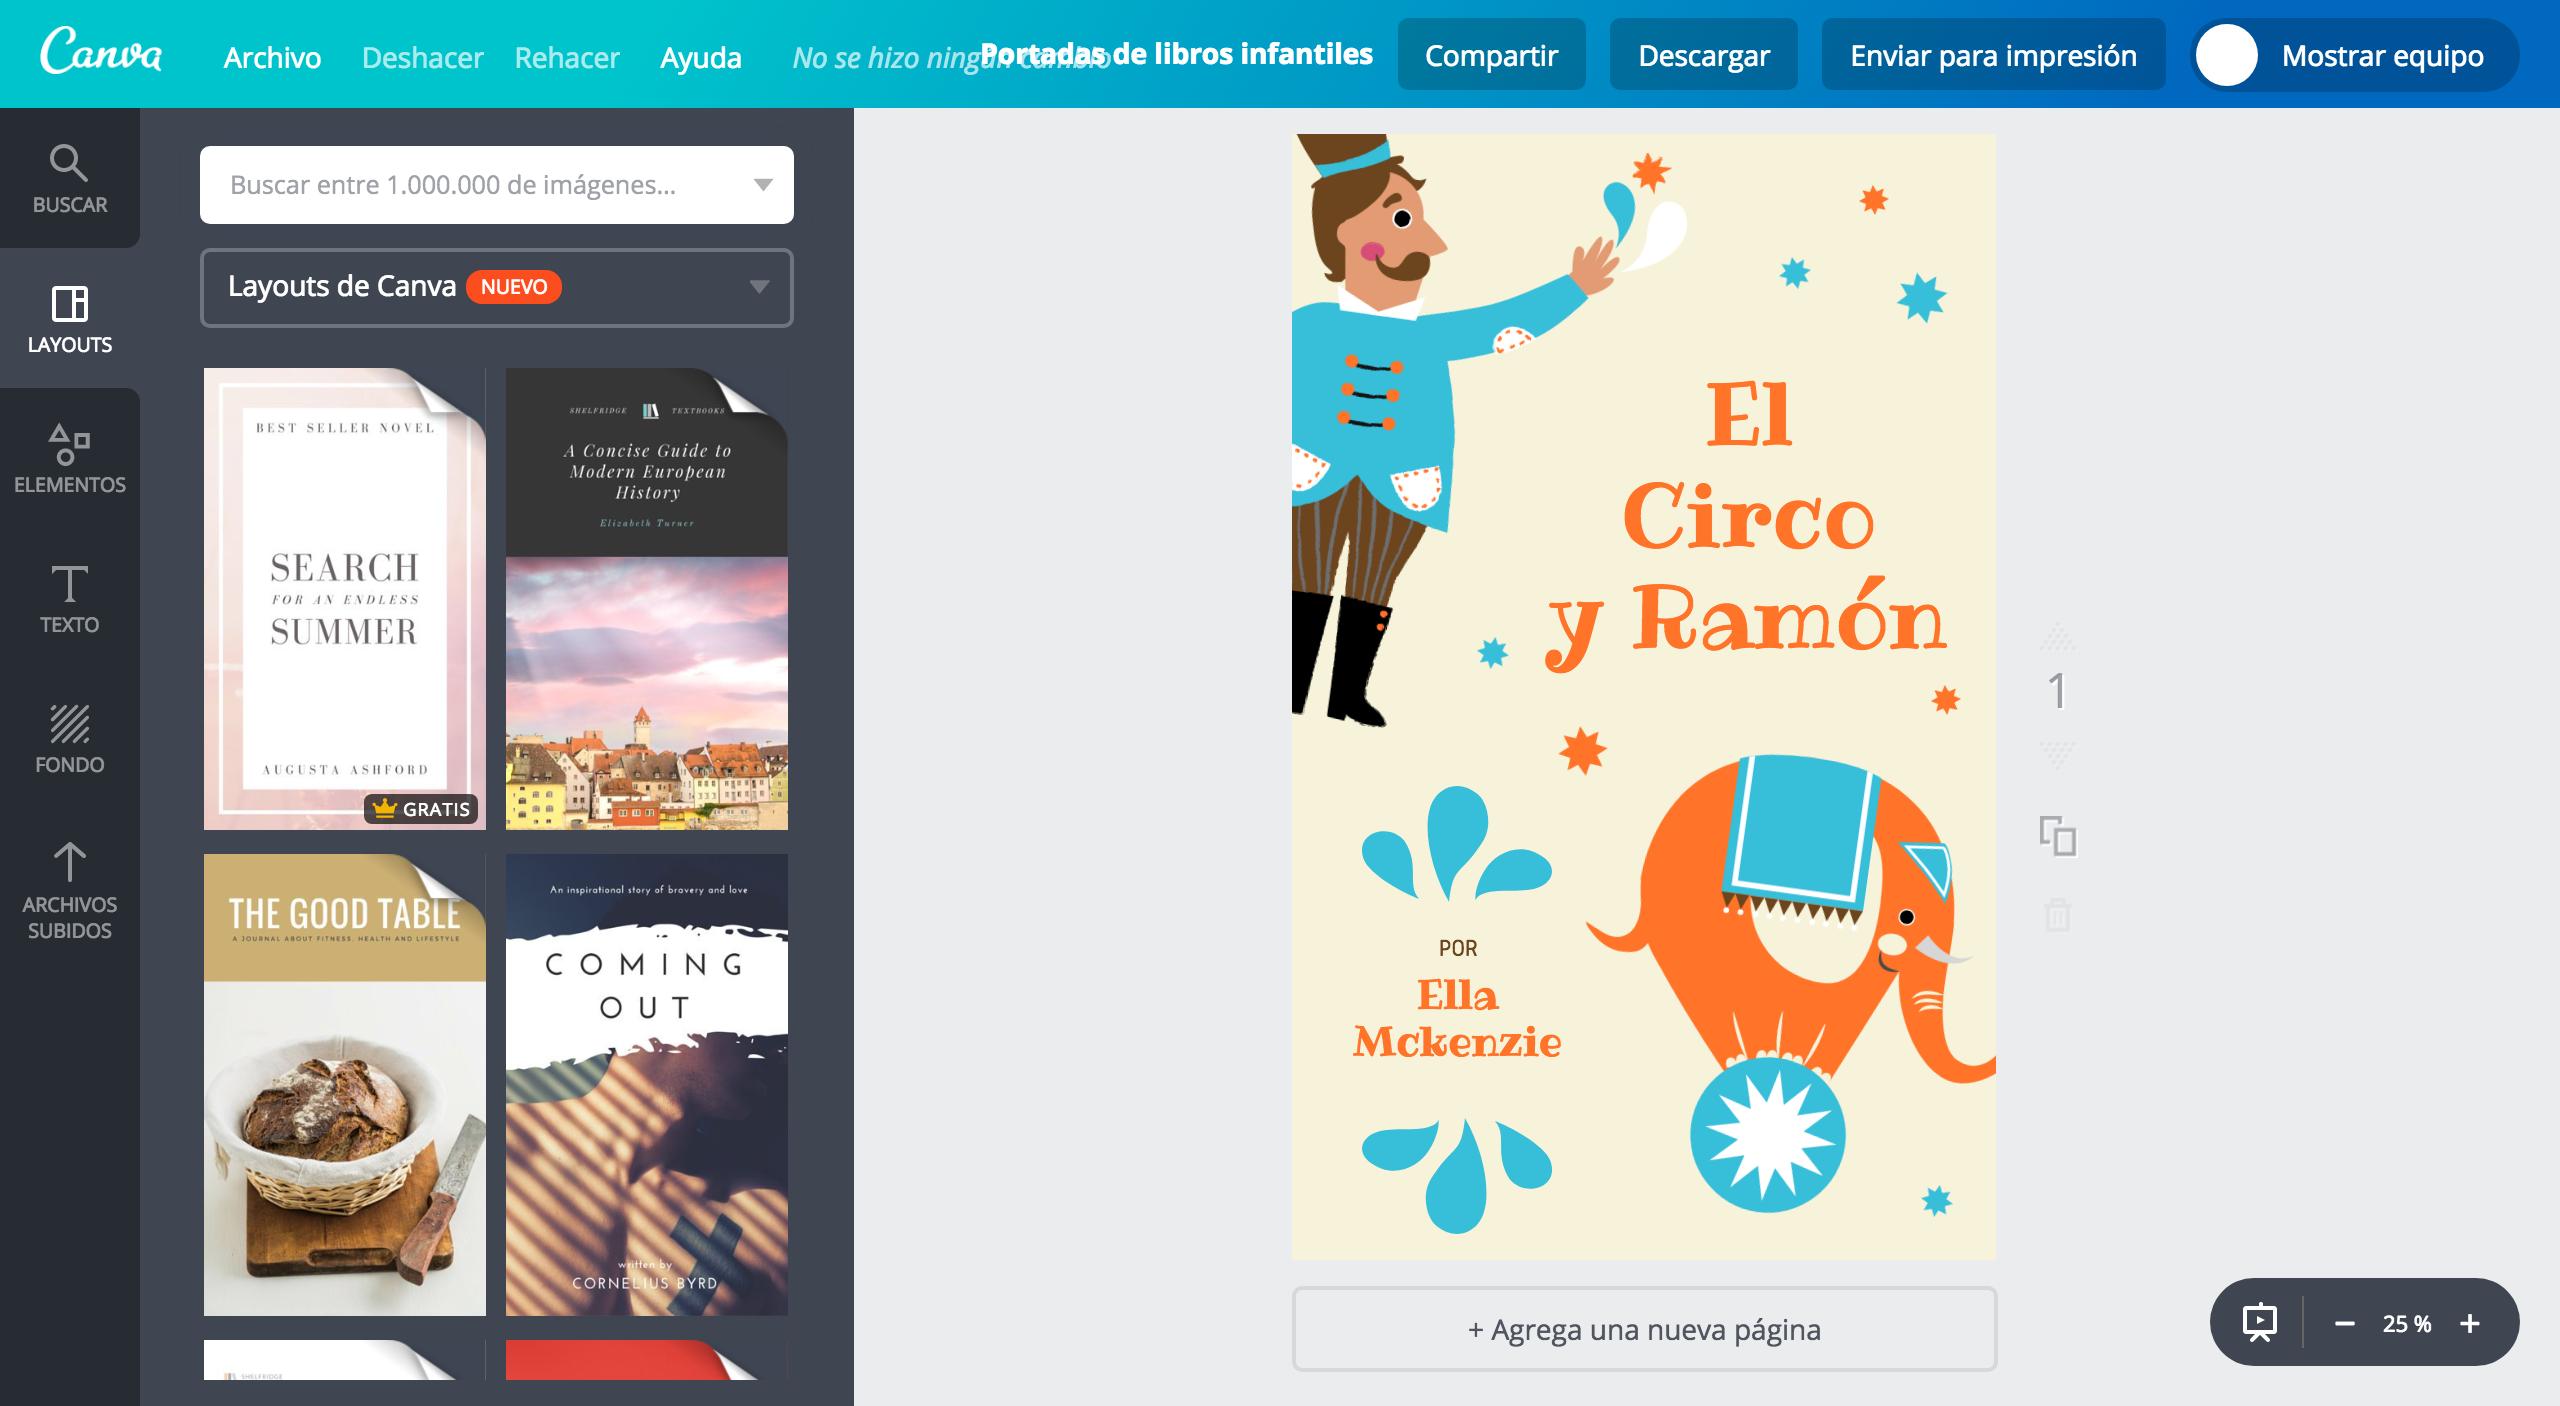 Crea portadas para libros infantiles online gratis - Canva